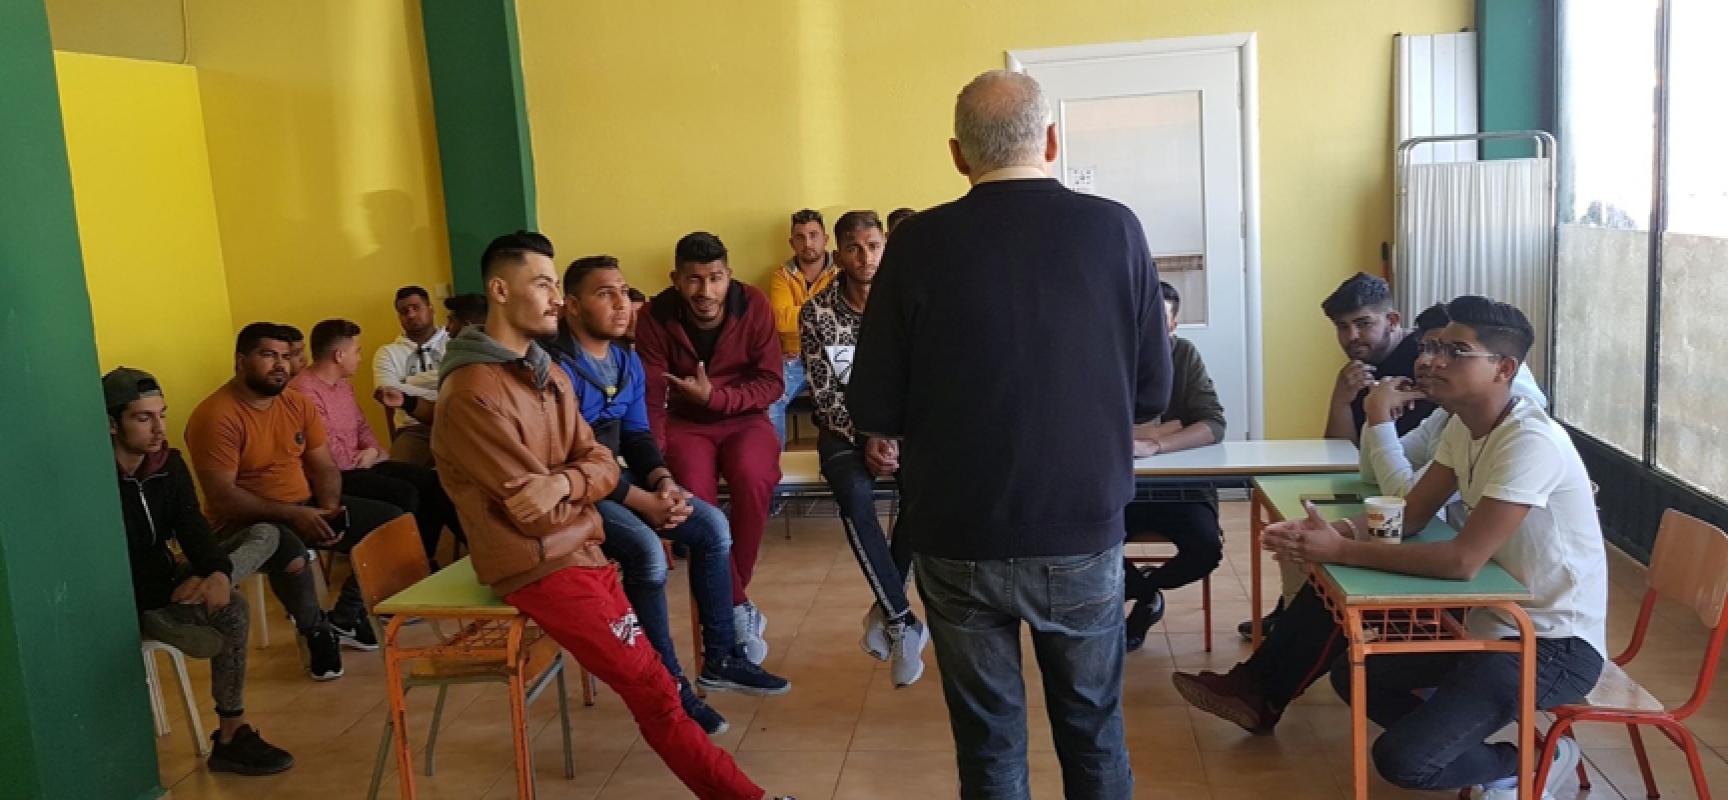 Ενημερωτική συνάντηση της ΑΝΚΑ στο Παράρτημα Ρομά Σοφάδων